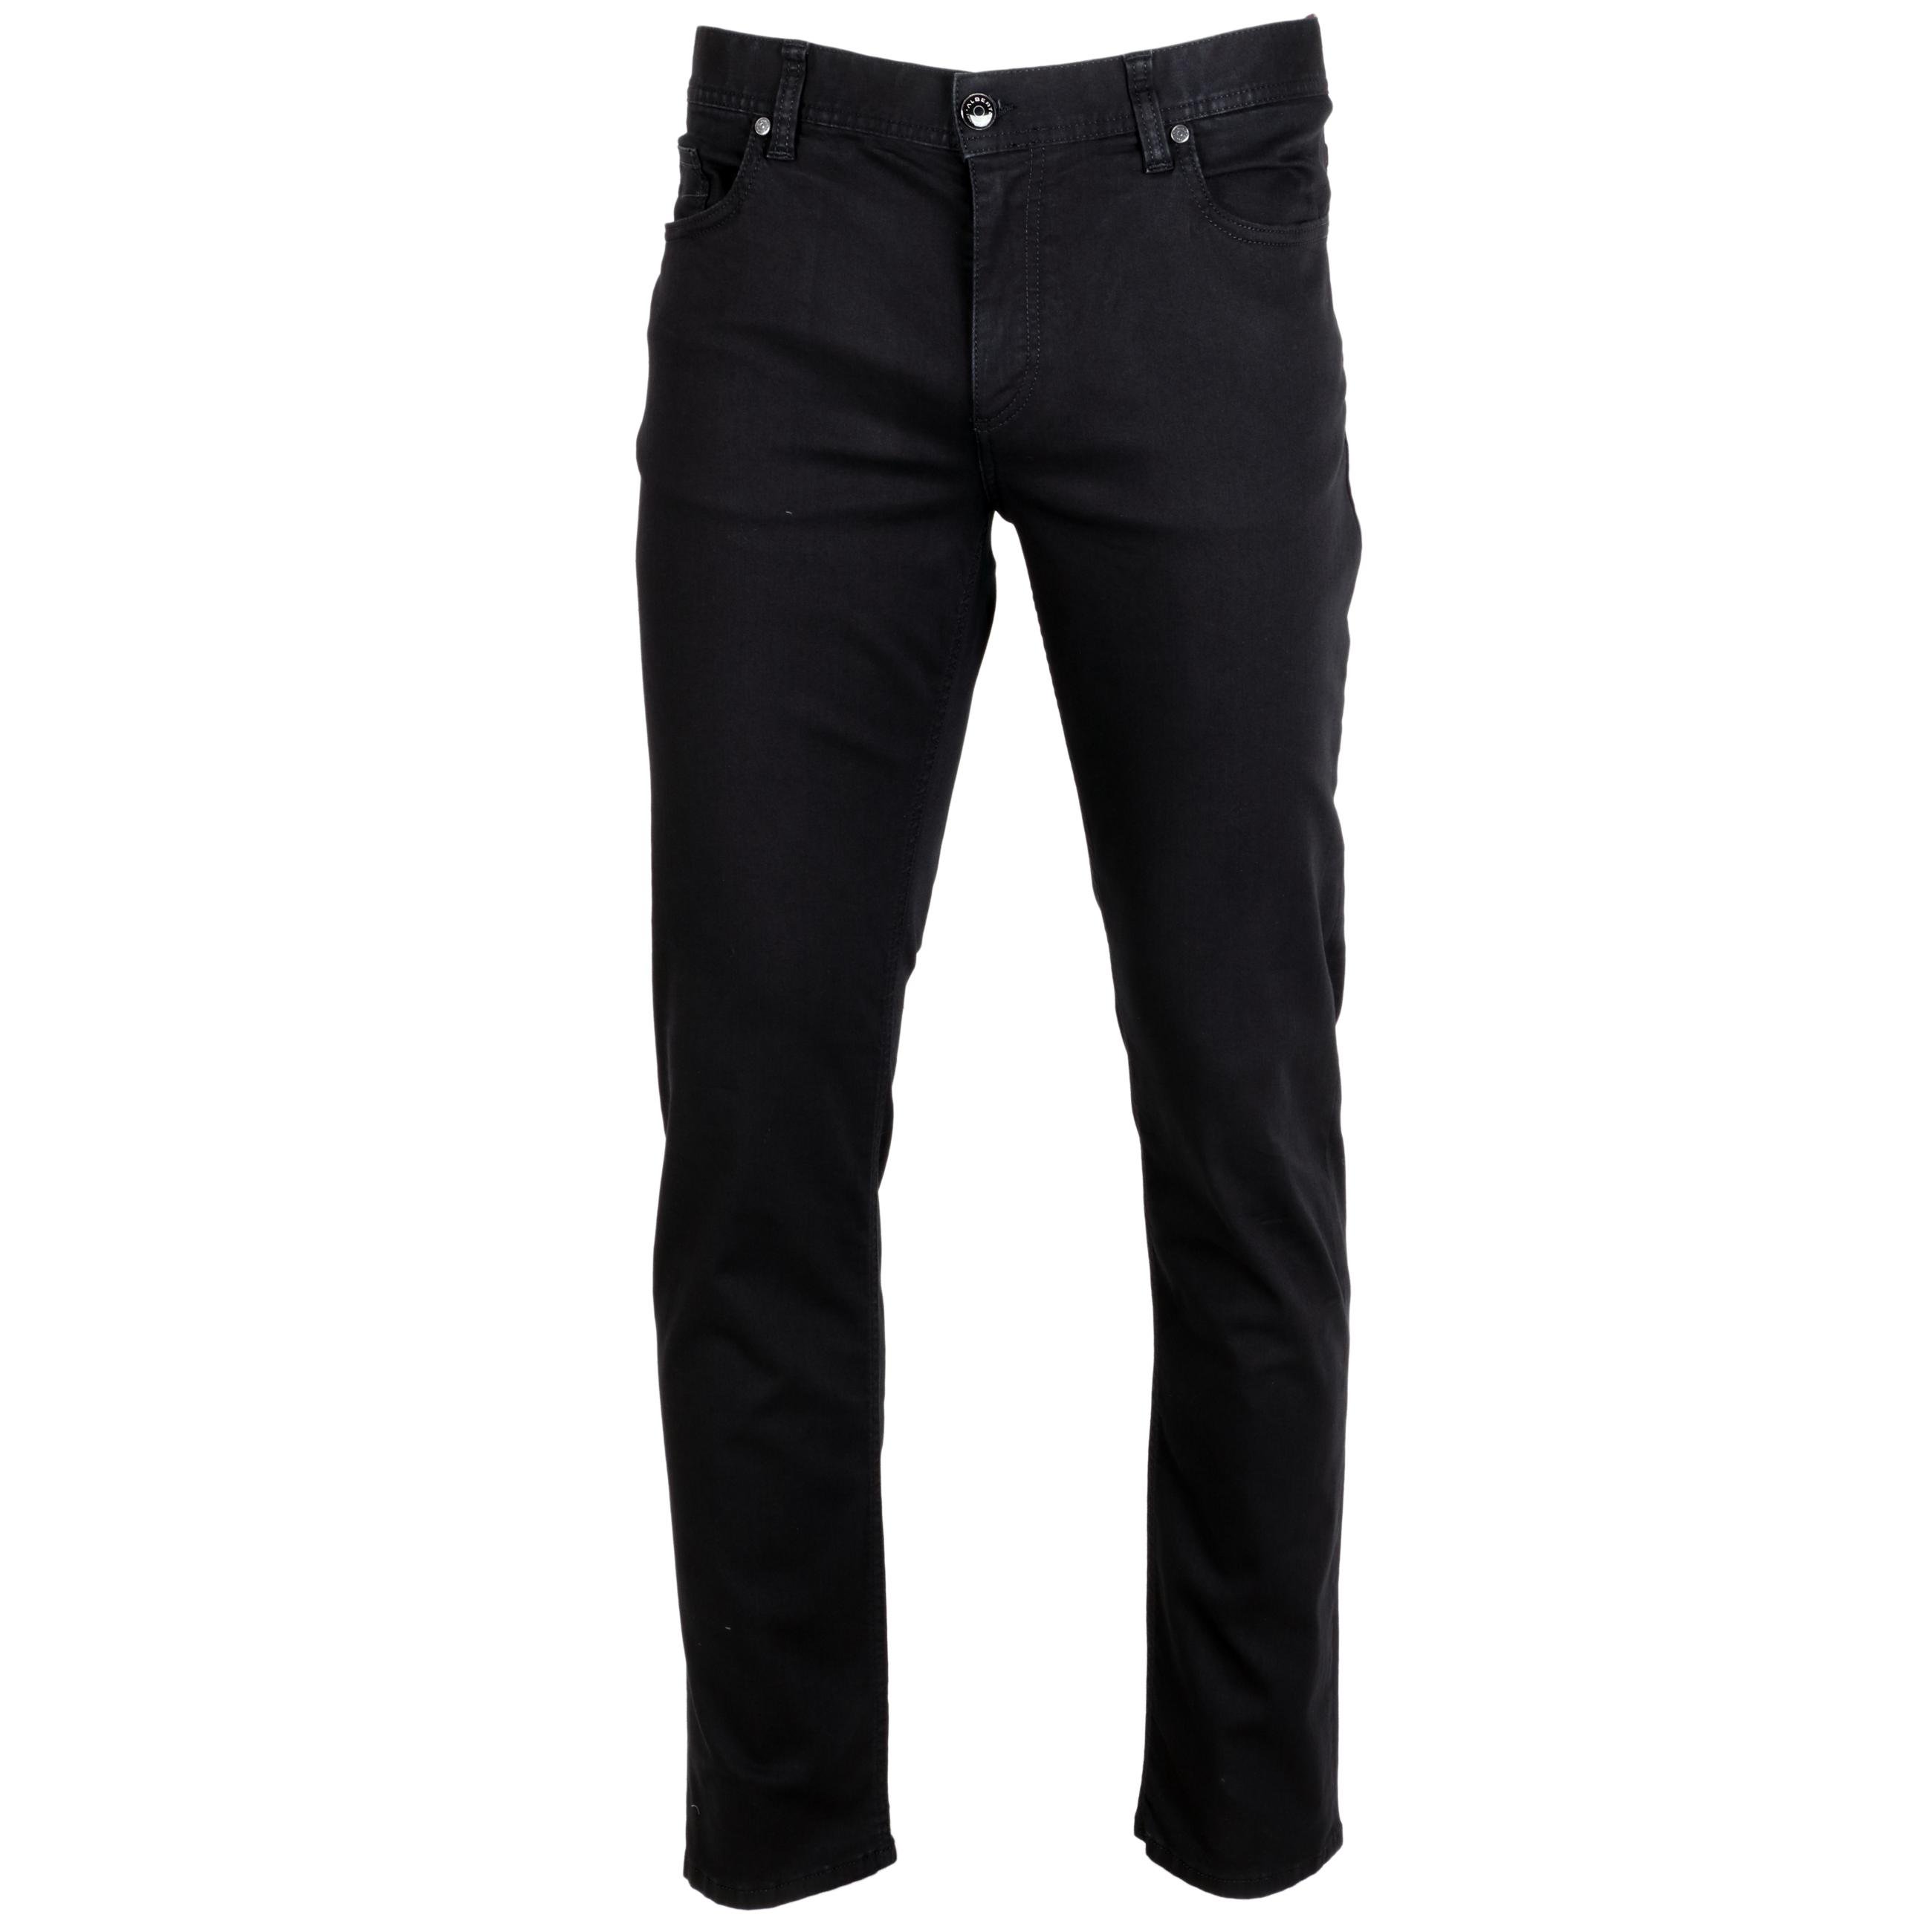 Alberto Jeans Pipe leichte sommerliche Qualität 34/34 schwarz